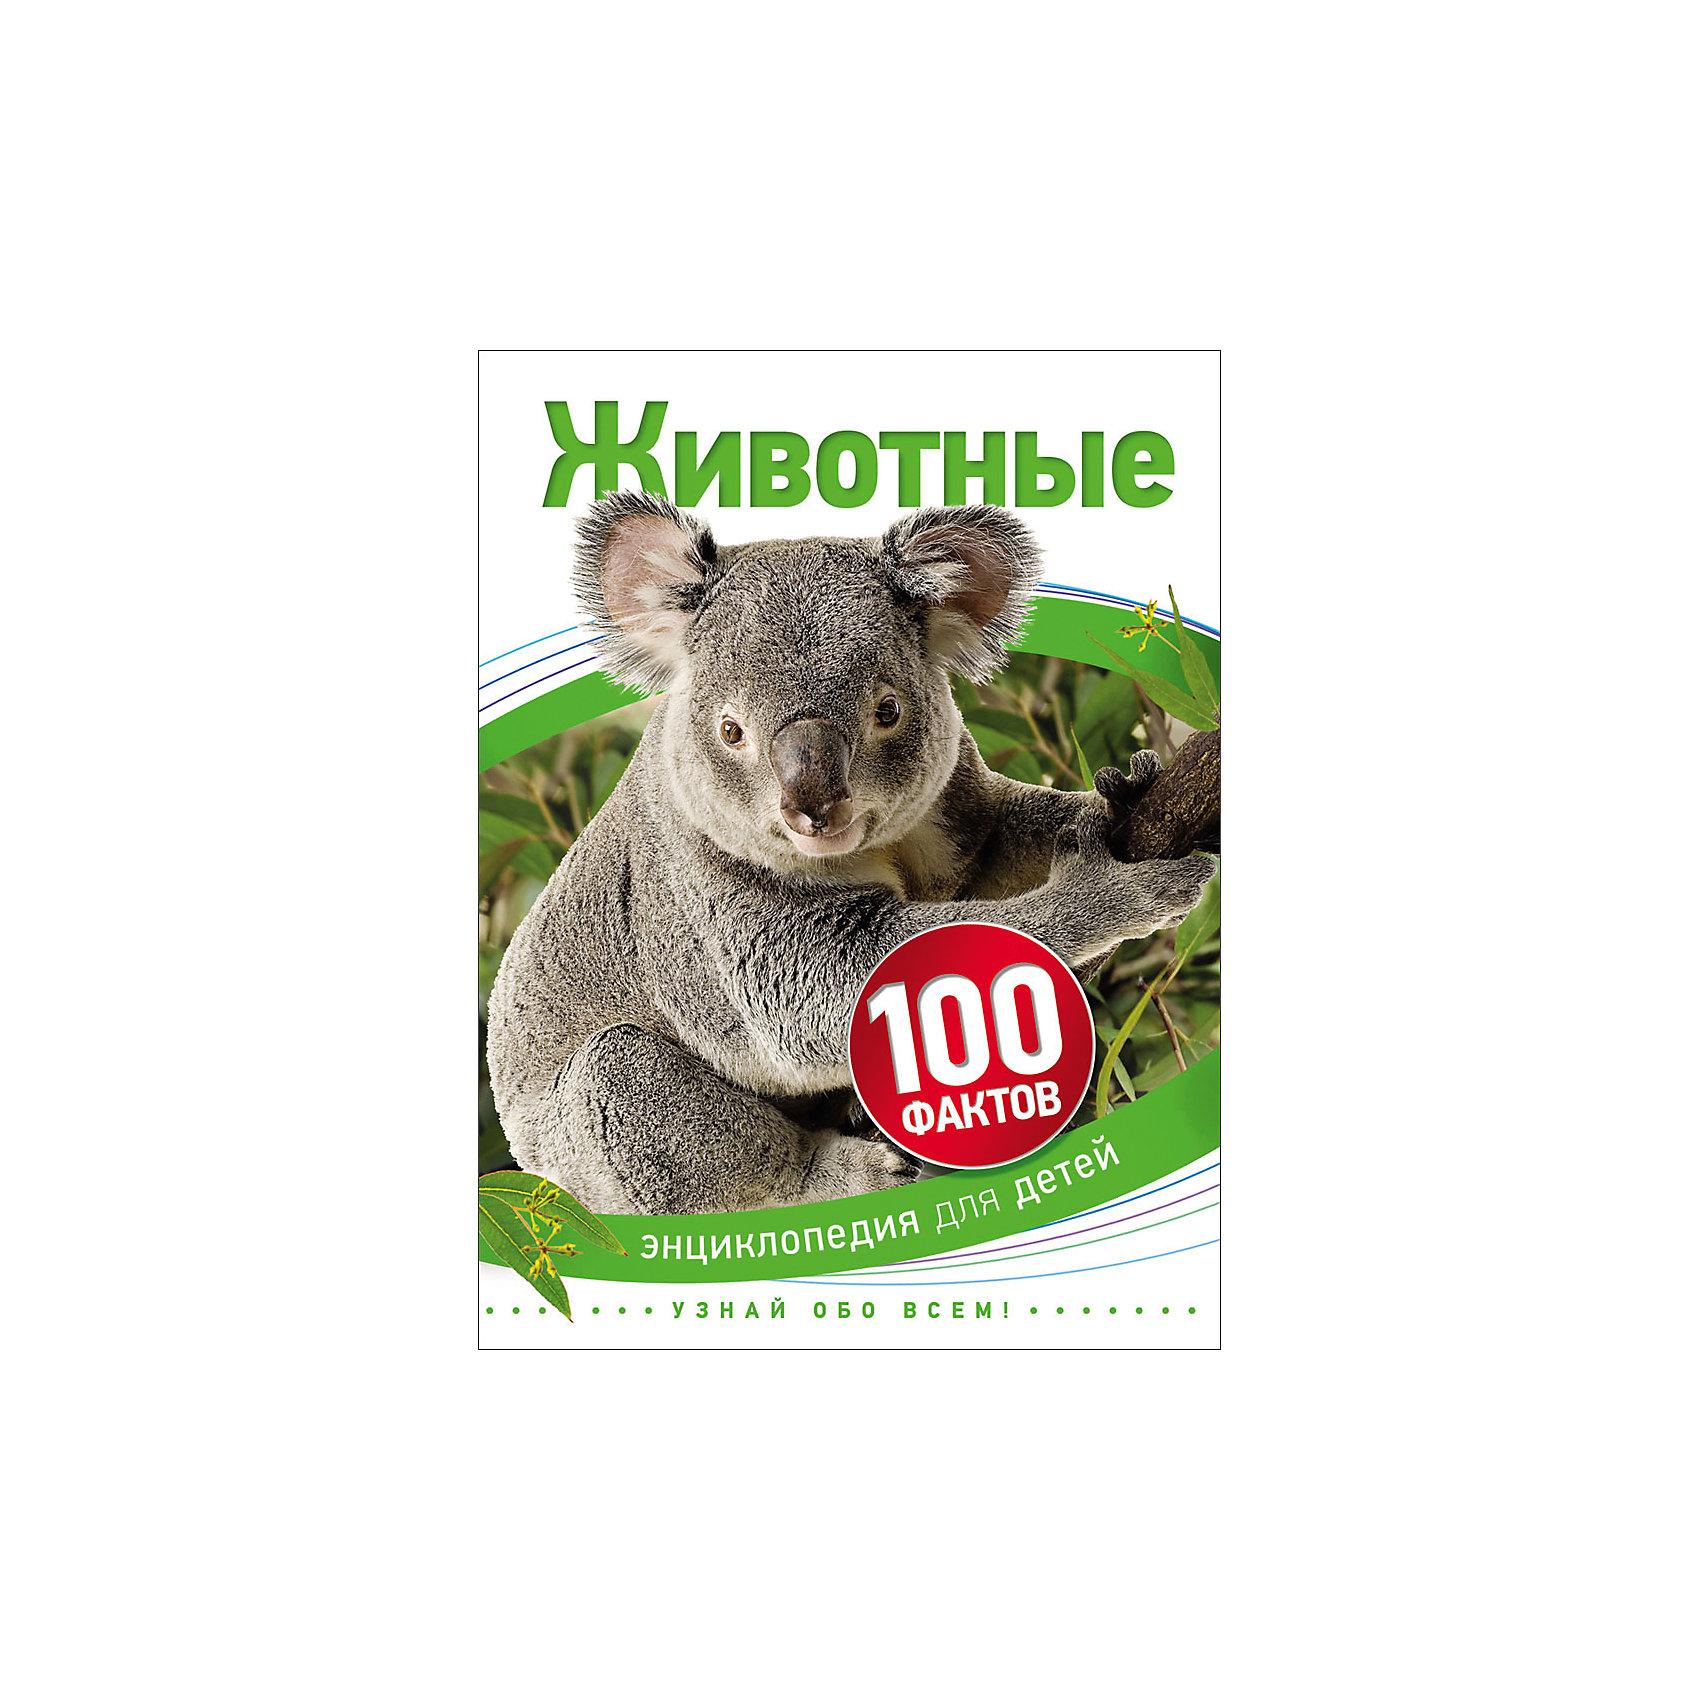 Животные (100 фактов)Энциклопедии о животных<br>Животные (100 фактов).<br><br>Характеристики:<br><br>- Автор: Барбара Тэйлор<br>- Перевод с английского: И. В. Травина<br>- Издательство: Росмэн<br>- Серия: 100 фактов<br>- Тип обложки: твердый переплет<br>- Иллюстрации: цветные<br>- Количество страниц: 40<br>- Размер: 222 х 168 x 7 мм.<br>- Вес: 202 гр.<br><br>Энциклопедия для детей «Животные» - это книга - путеводитель по миру животных. Читатель совершит увлекательное путешествие в мир дикой природы и узнает все о жизни животных - способах выживания, охотничьем мастерстве, маскировке, размножении, органах чувств. Ему станет известно, как общаются шимпанзе, почему львы живут прайдами, как императорские пингвины спасаются от холода, какие насекомые каждый год совершают путешествия длиной 4000 километров. Увлекательная информация изложена в 100 удивительных фактах, проиллюстрированных красочными фотографиями и рисунками.<br><br>Энциклопедию для детей Животные (100 фактов) можно купить в нашем интернет-магазине.<br><br>Ширина мм: 222<br>Глубина мм: 168<br>Высота мм: 7<br>Вес г: 202<br>Возраст от месяцев: 60<br>Возраст до месяцев: 84<br>Пол: Унисекс<br>Возраст: Детский<br>SKU: 5109687